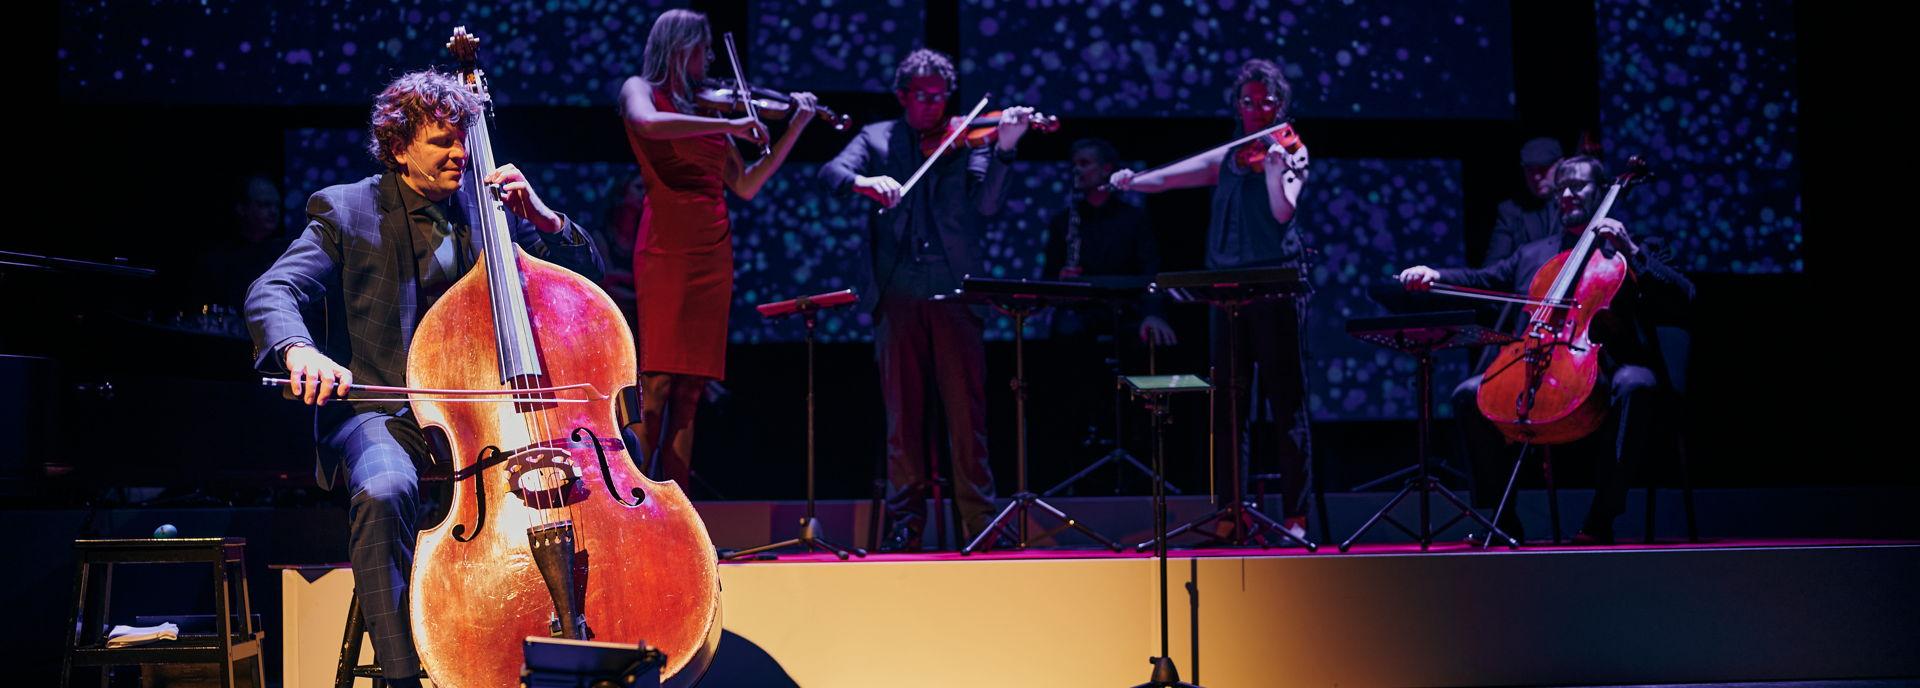 Nederlands favoriete Engelsman, bekend van tv-series als Maestro en Het Orkest van Nederland, belooft samen met zijn orkest een show vol persoonlijke verhalen, verbluffende videobeelden en natuurlijk prachtige muziek. En bent u de geluksvogel die voor heel even dirigent mag zijn?